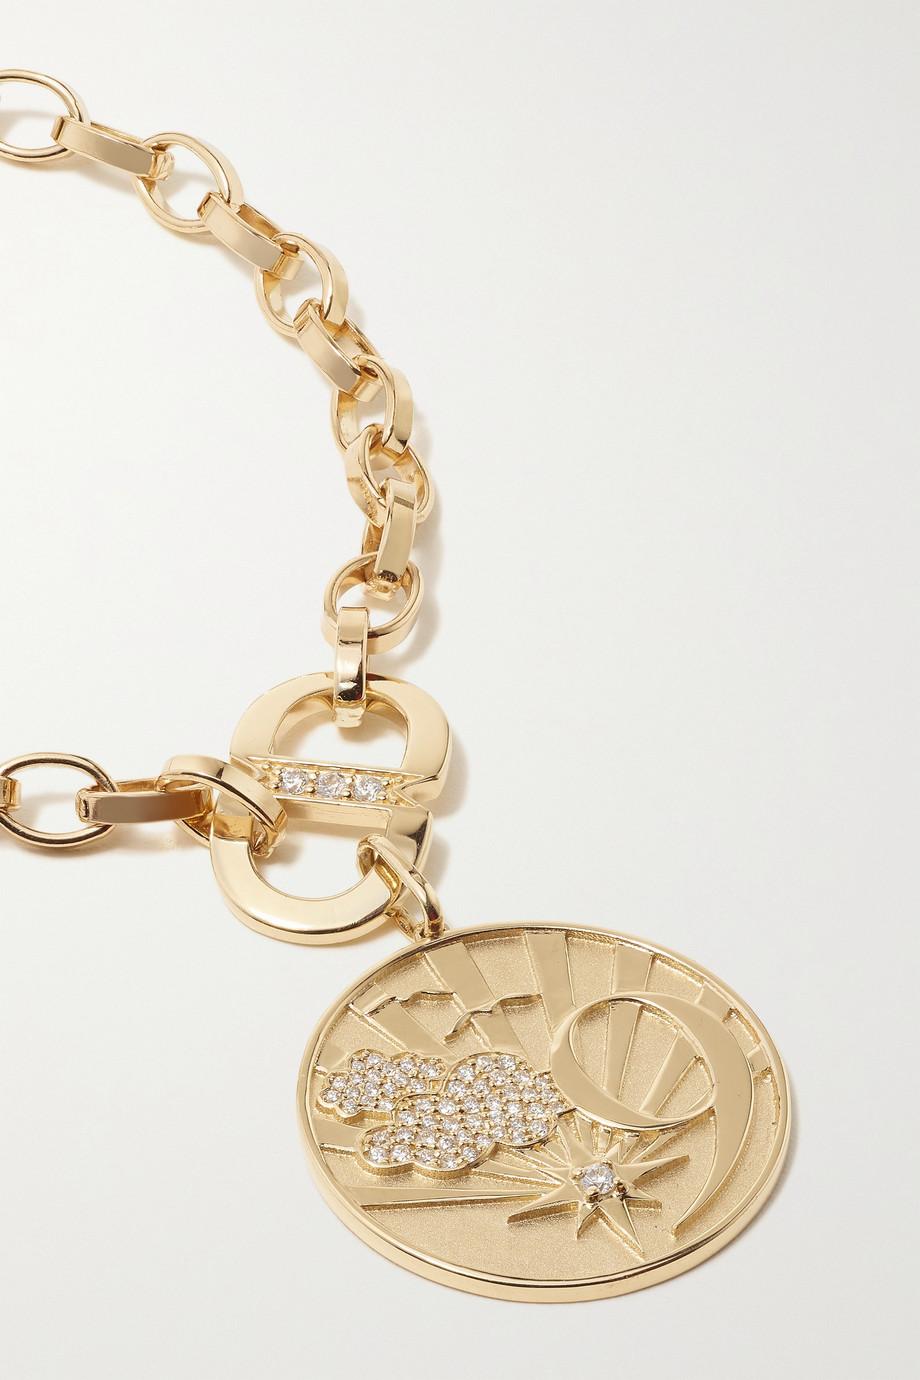 Sydney Evan Cloud 9 Coin Kette aus 14 Karat Gold mit Diamanten